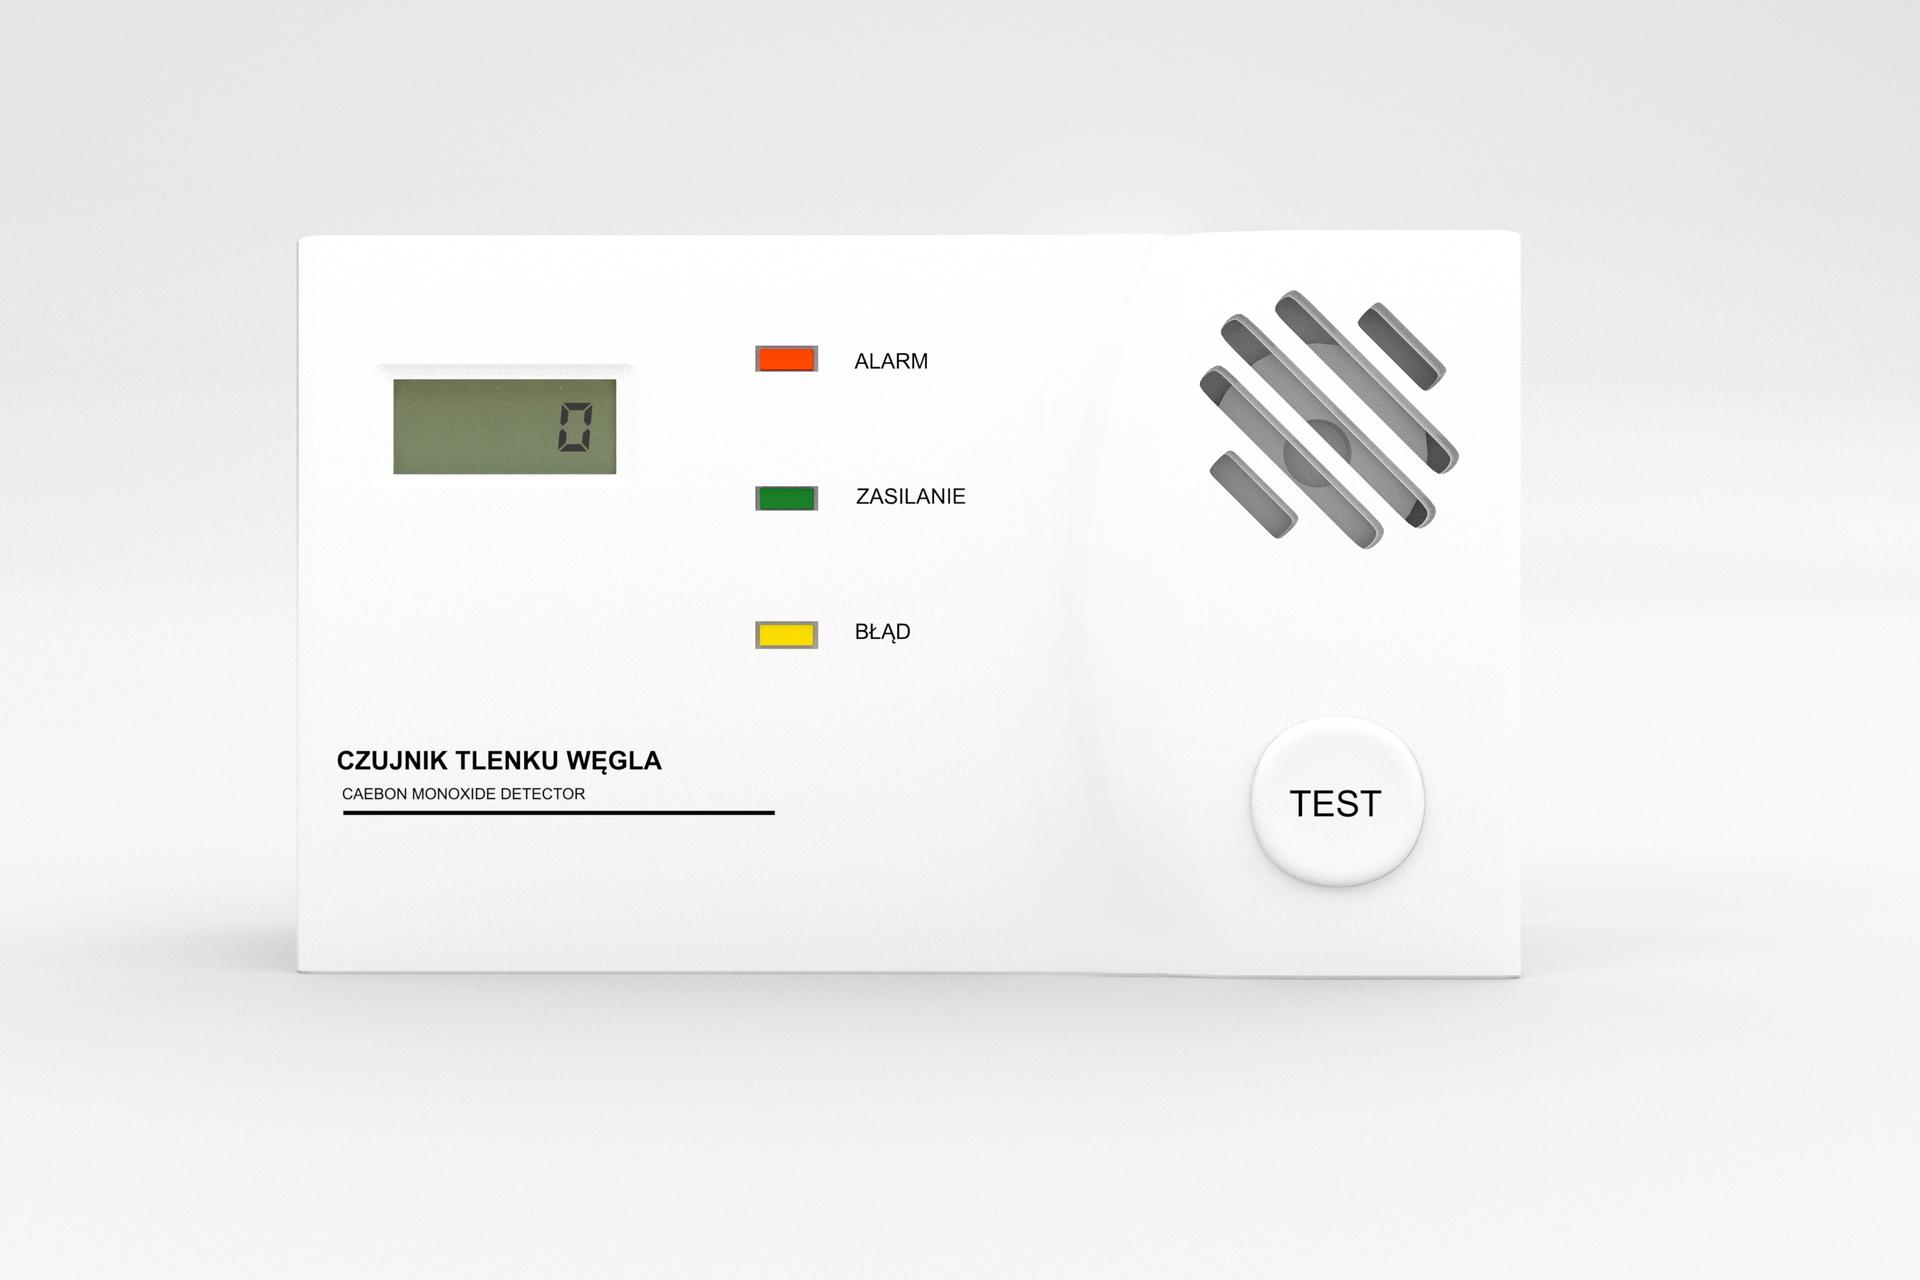 Fotografia przedstawiajaca czujnik dwutlenku węgla zdiodą alarm, zasilanie test ipokazanym na wyświetlaczu wskaźnikiem.